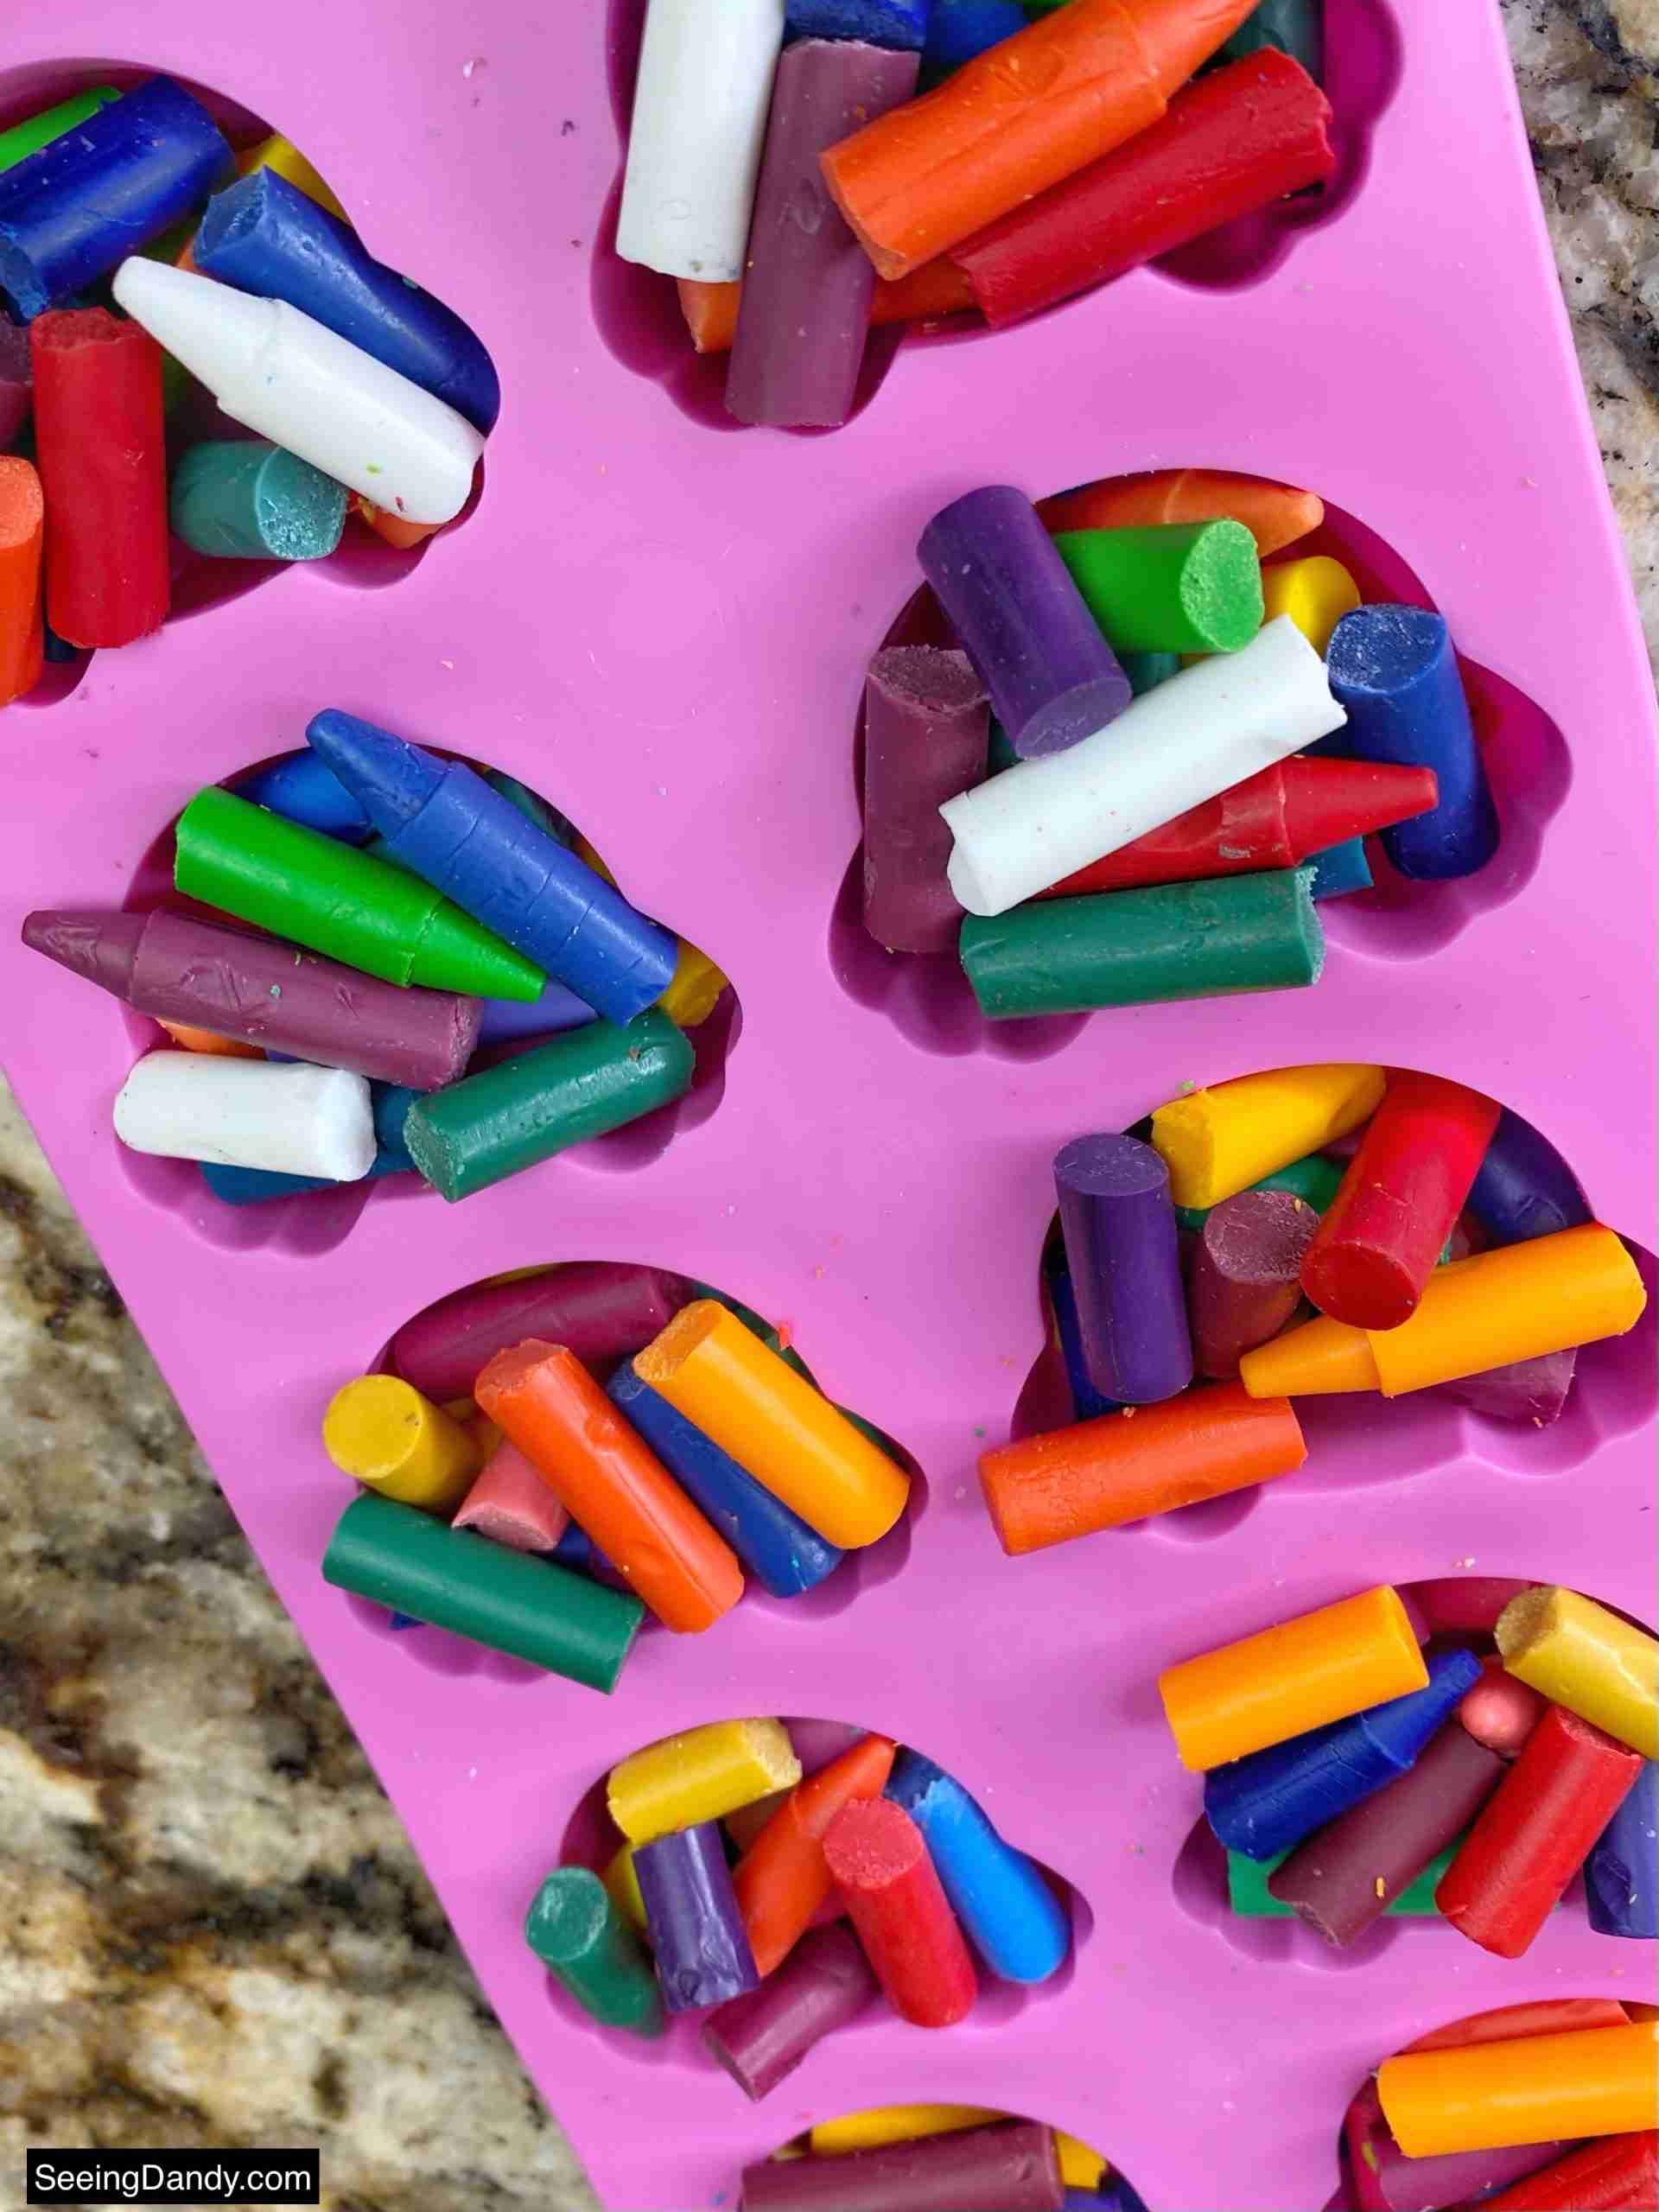 dollar tree crayons, broken crayons, dollar tree bunny bottom silicone mold, granite countertop